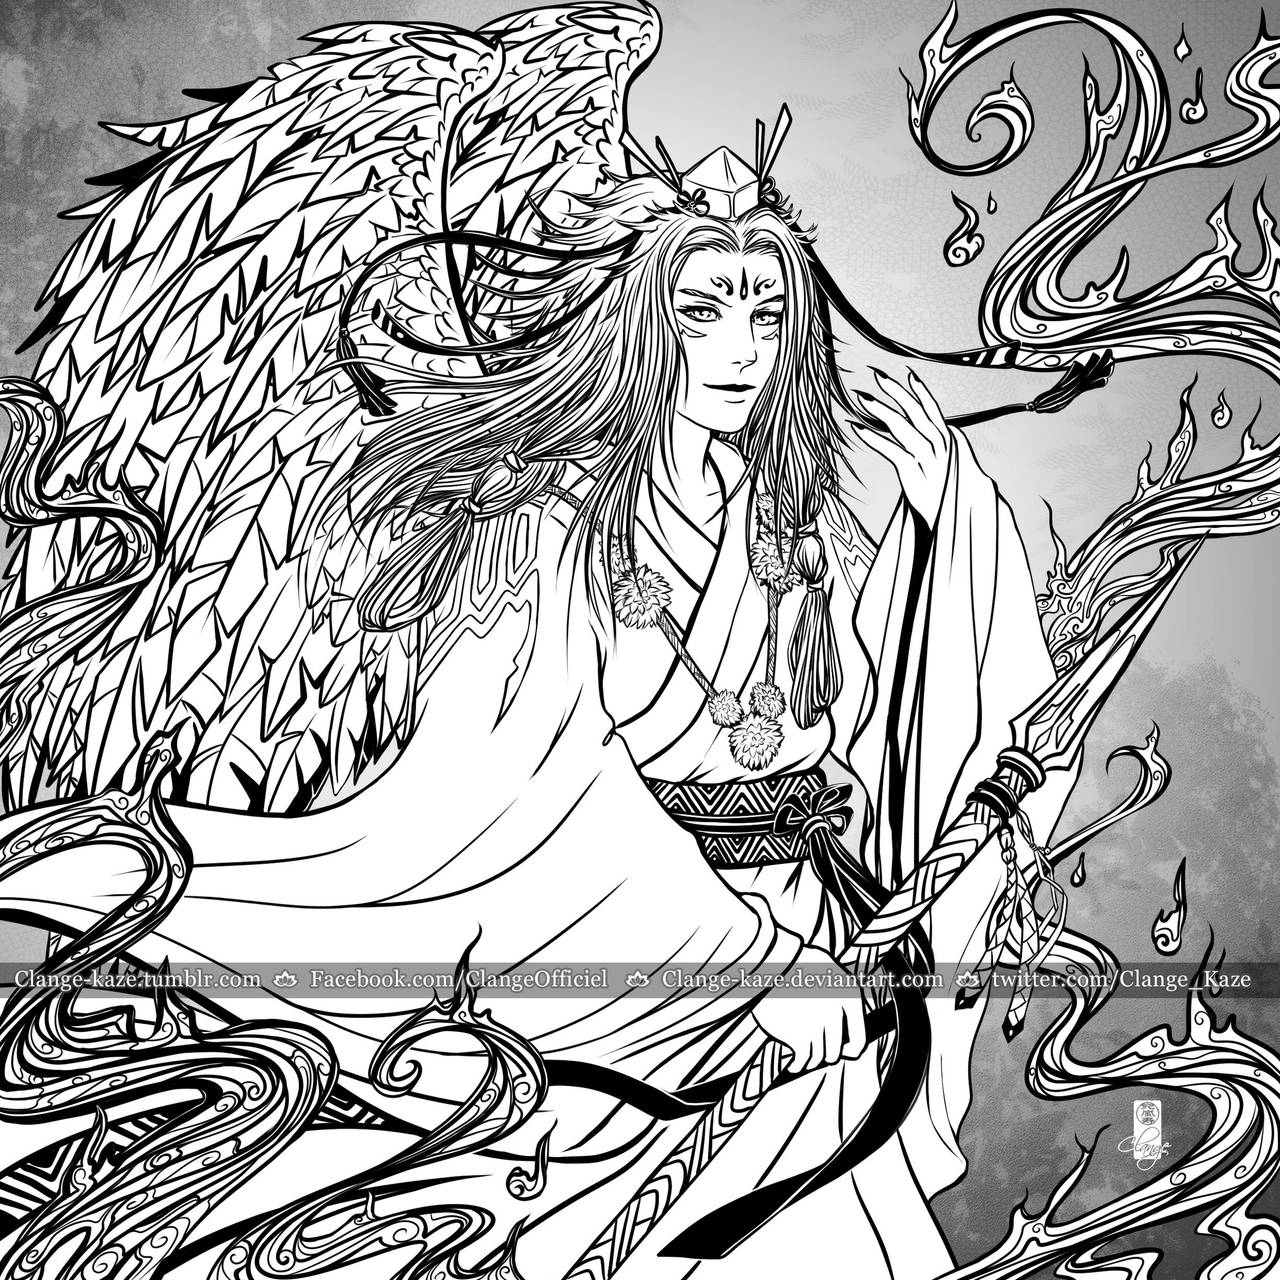 Yokai - Tengu by Clange-kaze